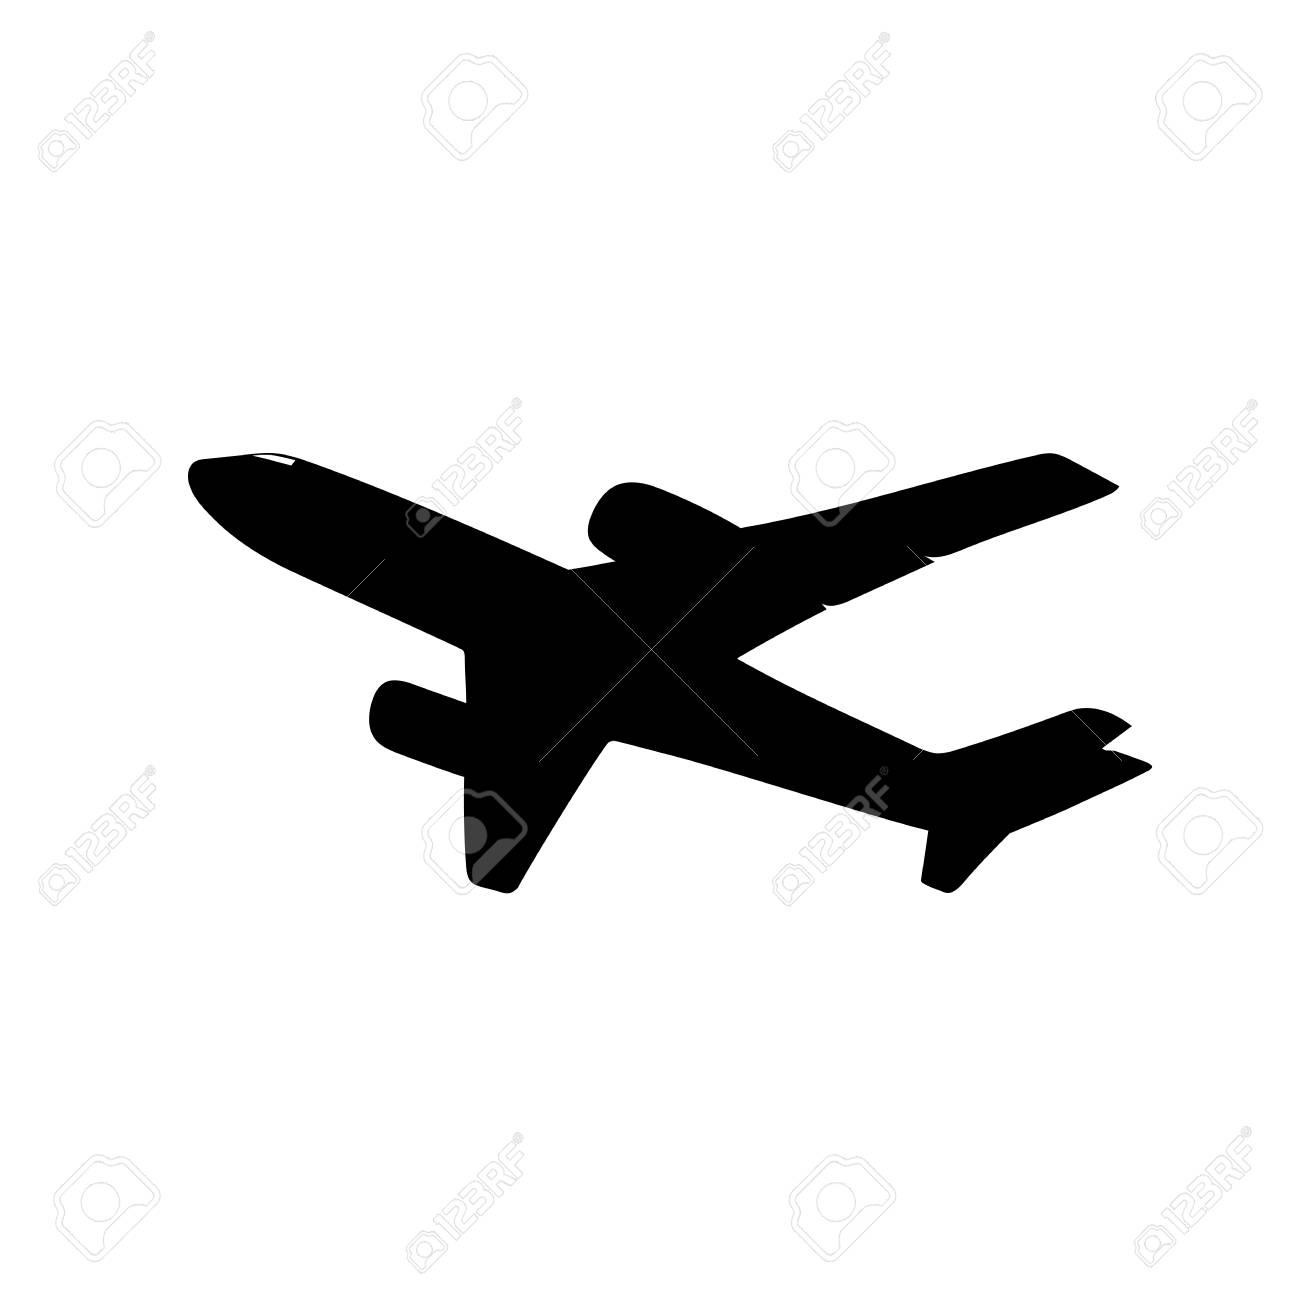 これは飛行機のシルエットのイラストのイラスト素材ベクタ Image